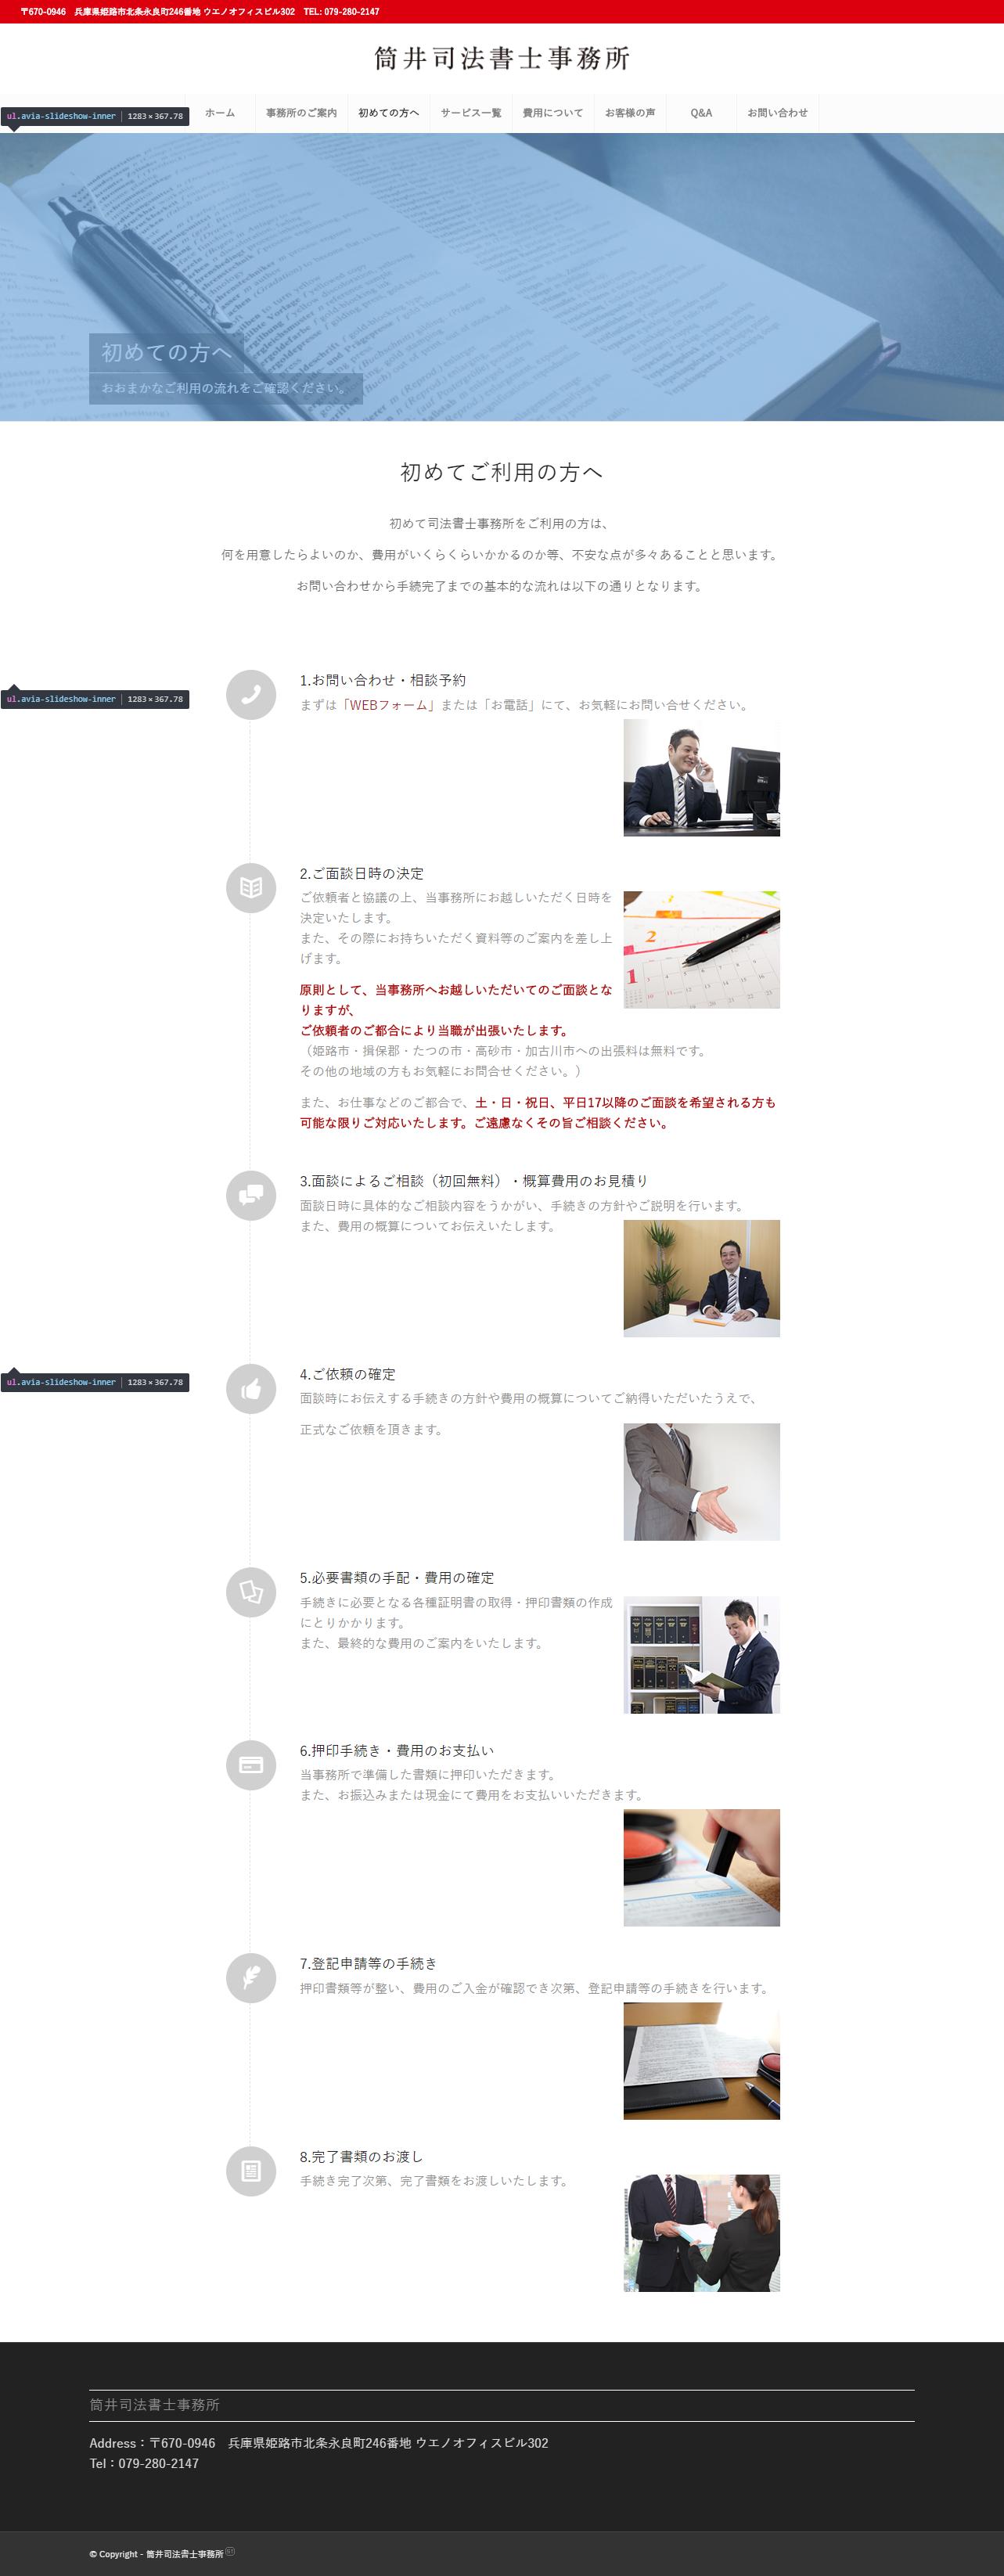 筒井司法書士事務所様ホームページ制作2